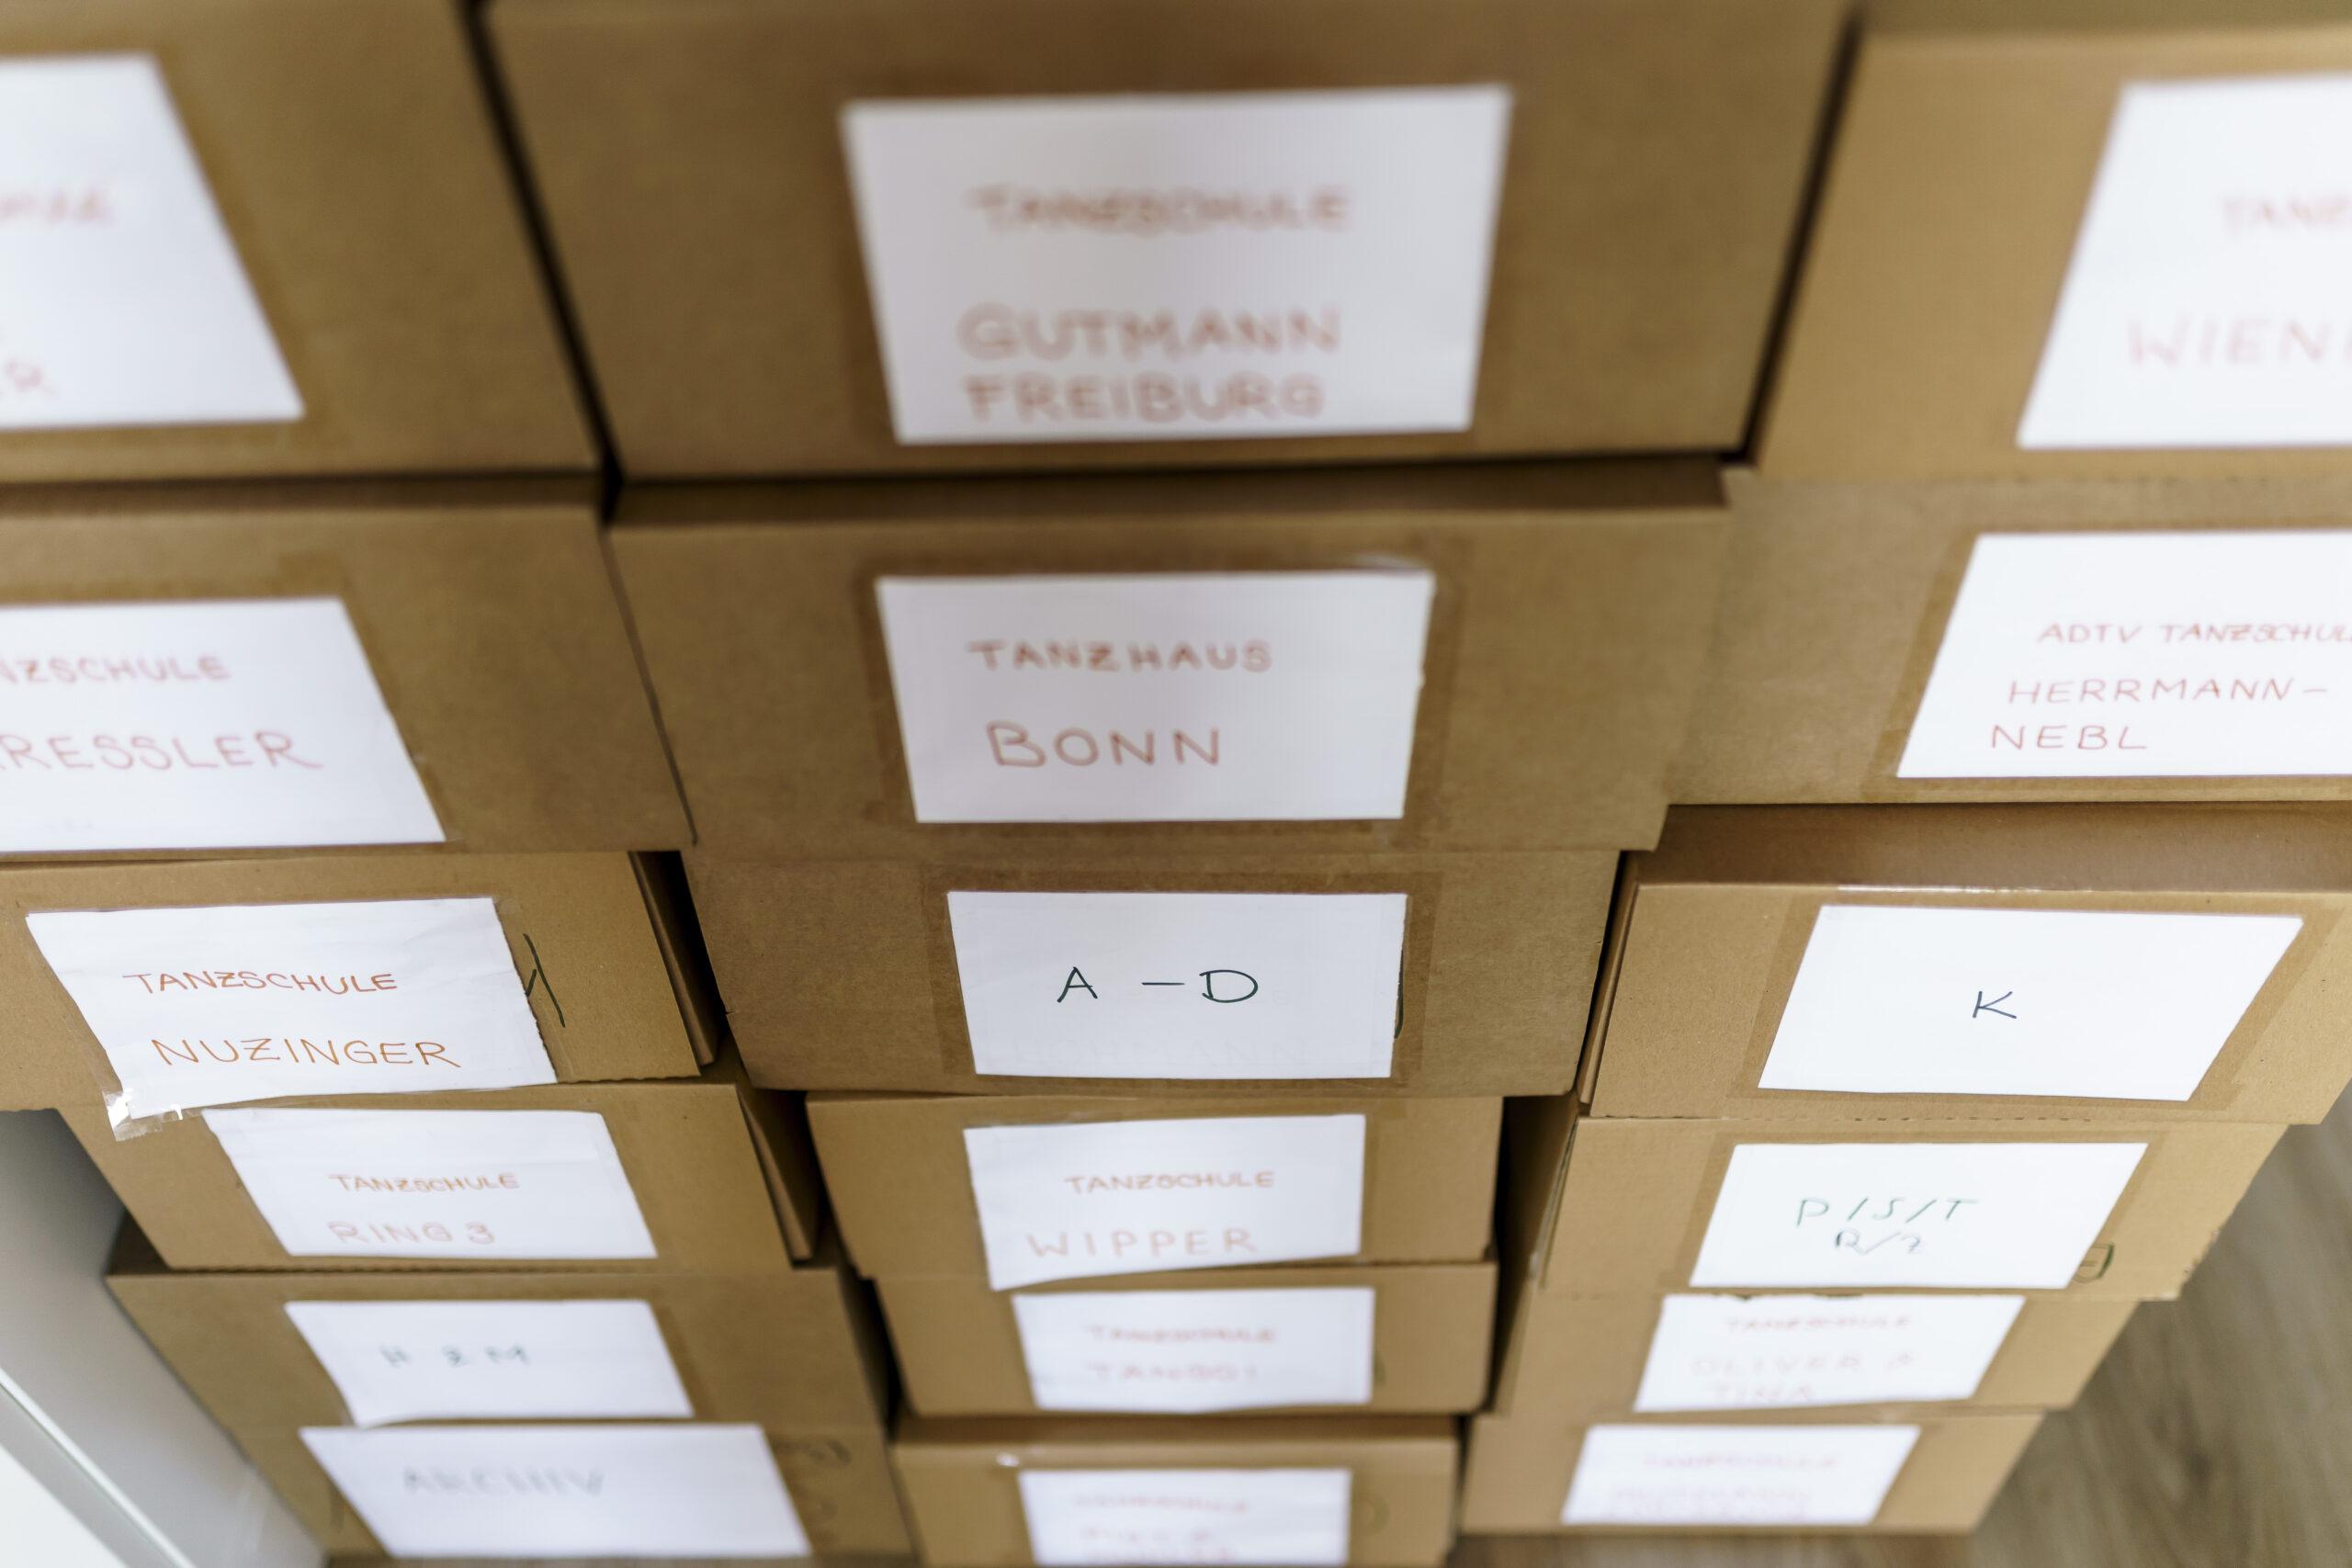 gutmann_media_agentur_foto_5